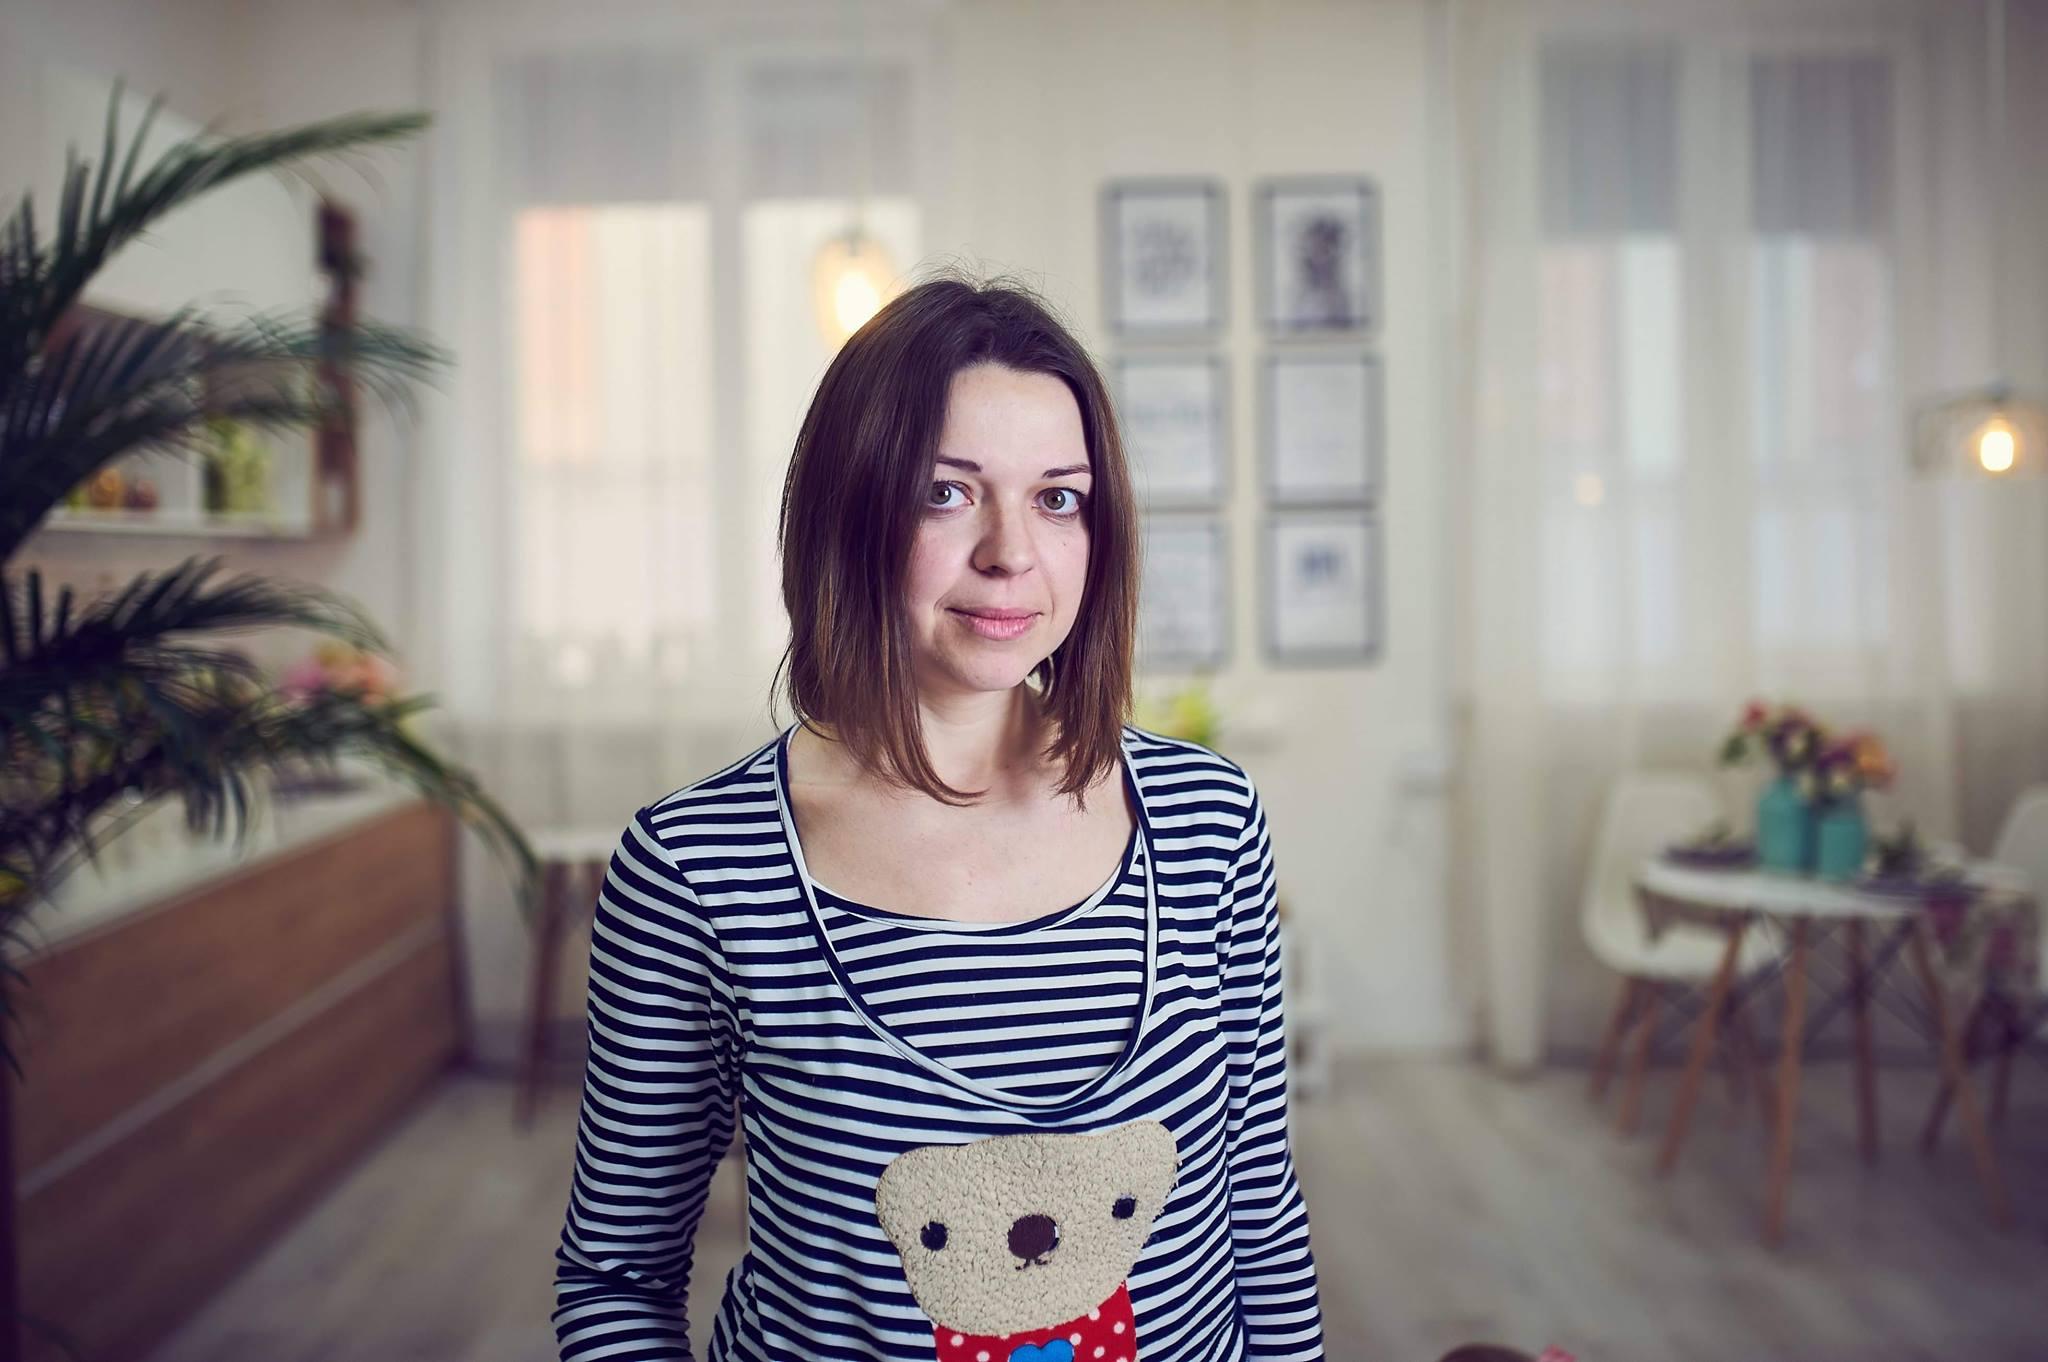 Юлия Сверделова - видеограф